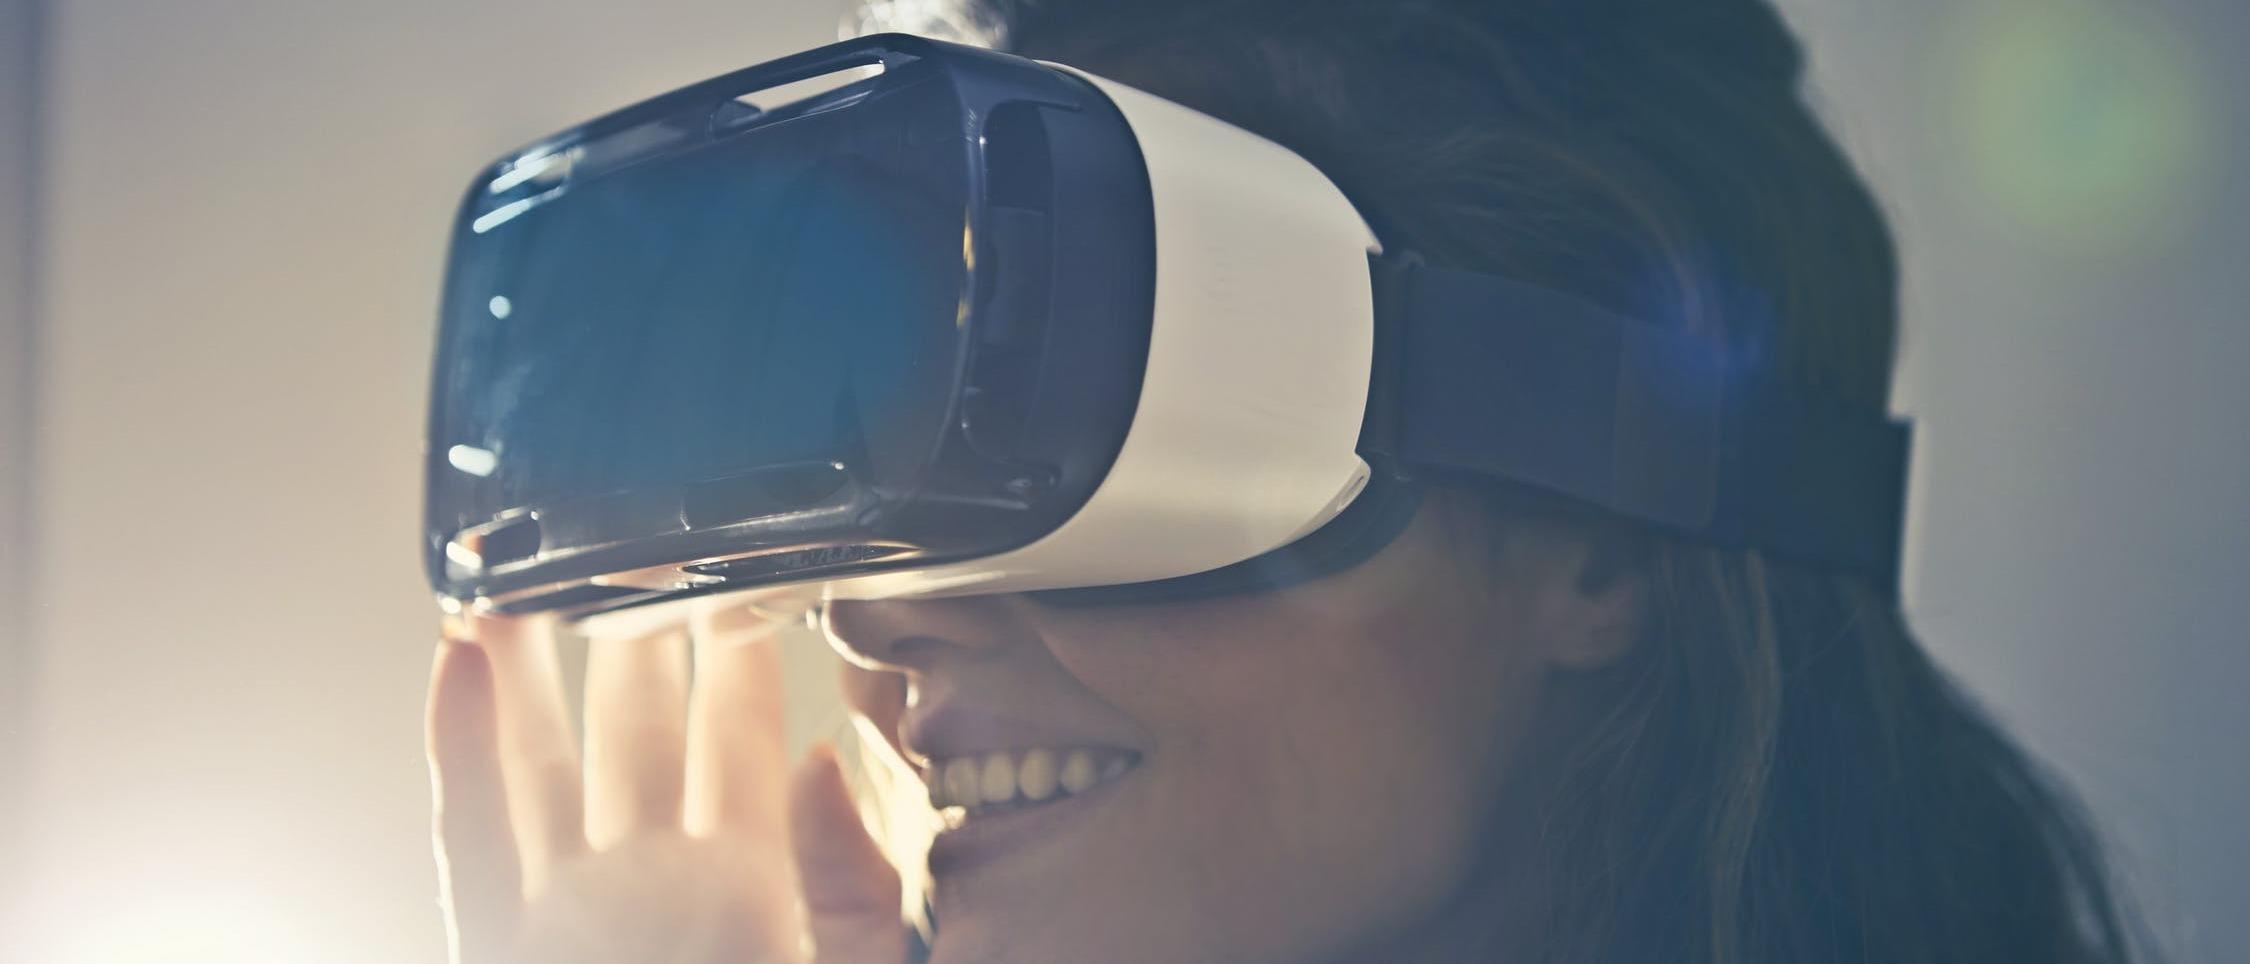 La réalité virtuelle à portée de tous